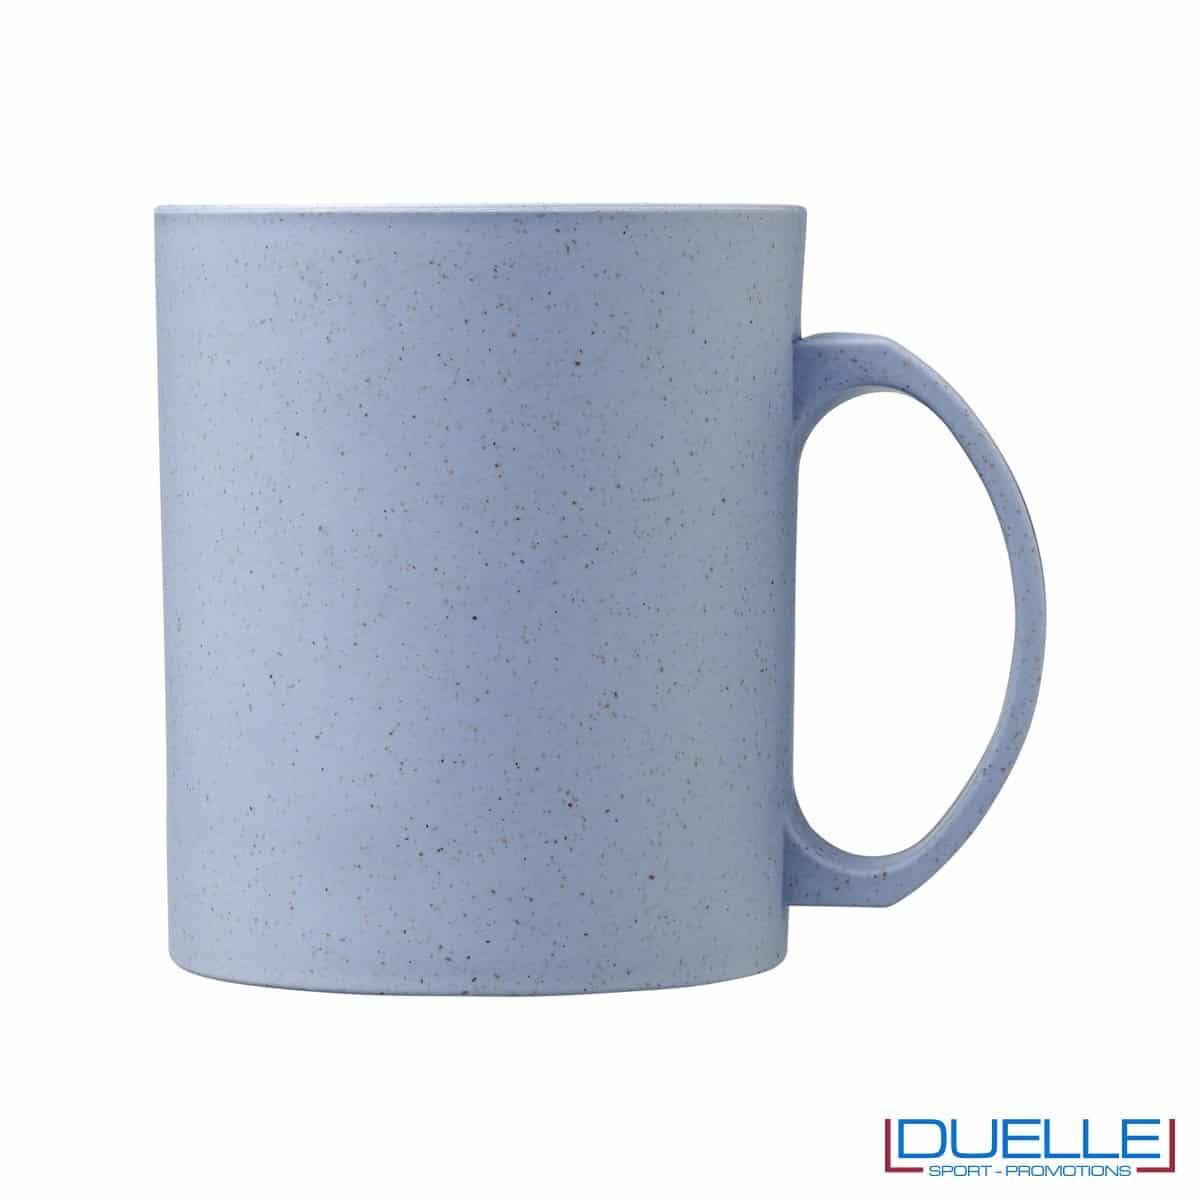 Mug in fibra di paglia di grano colore celeste personalizzata con stampa